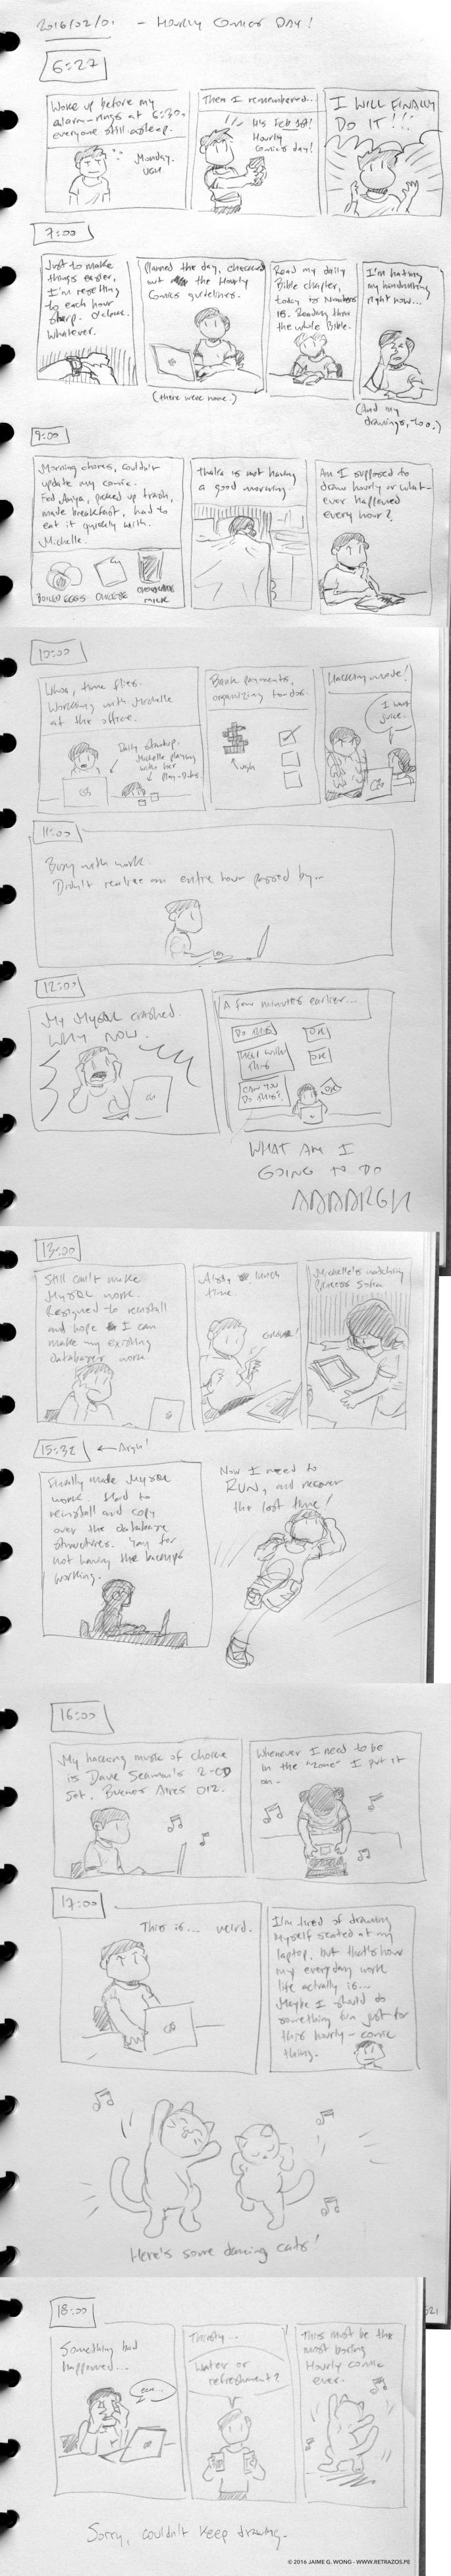 Hourly Comic 2016